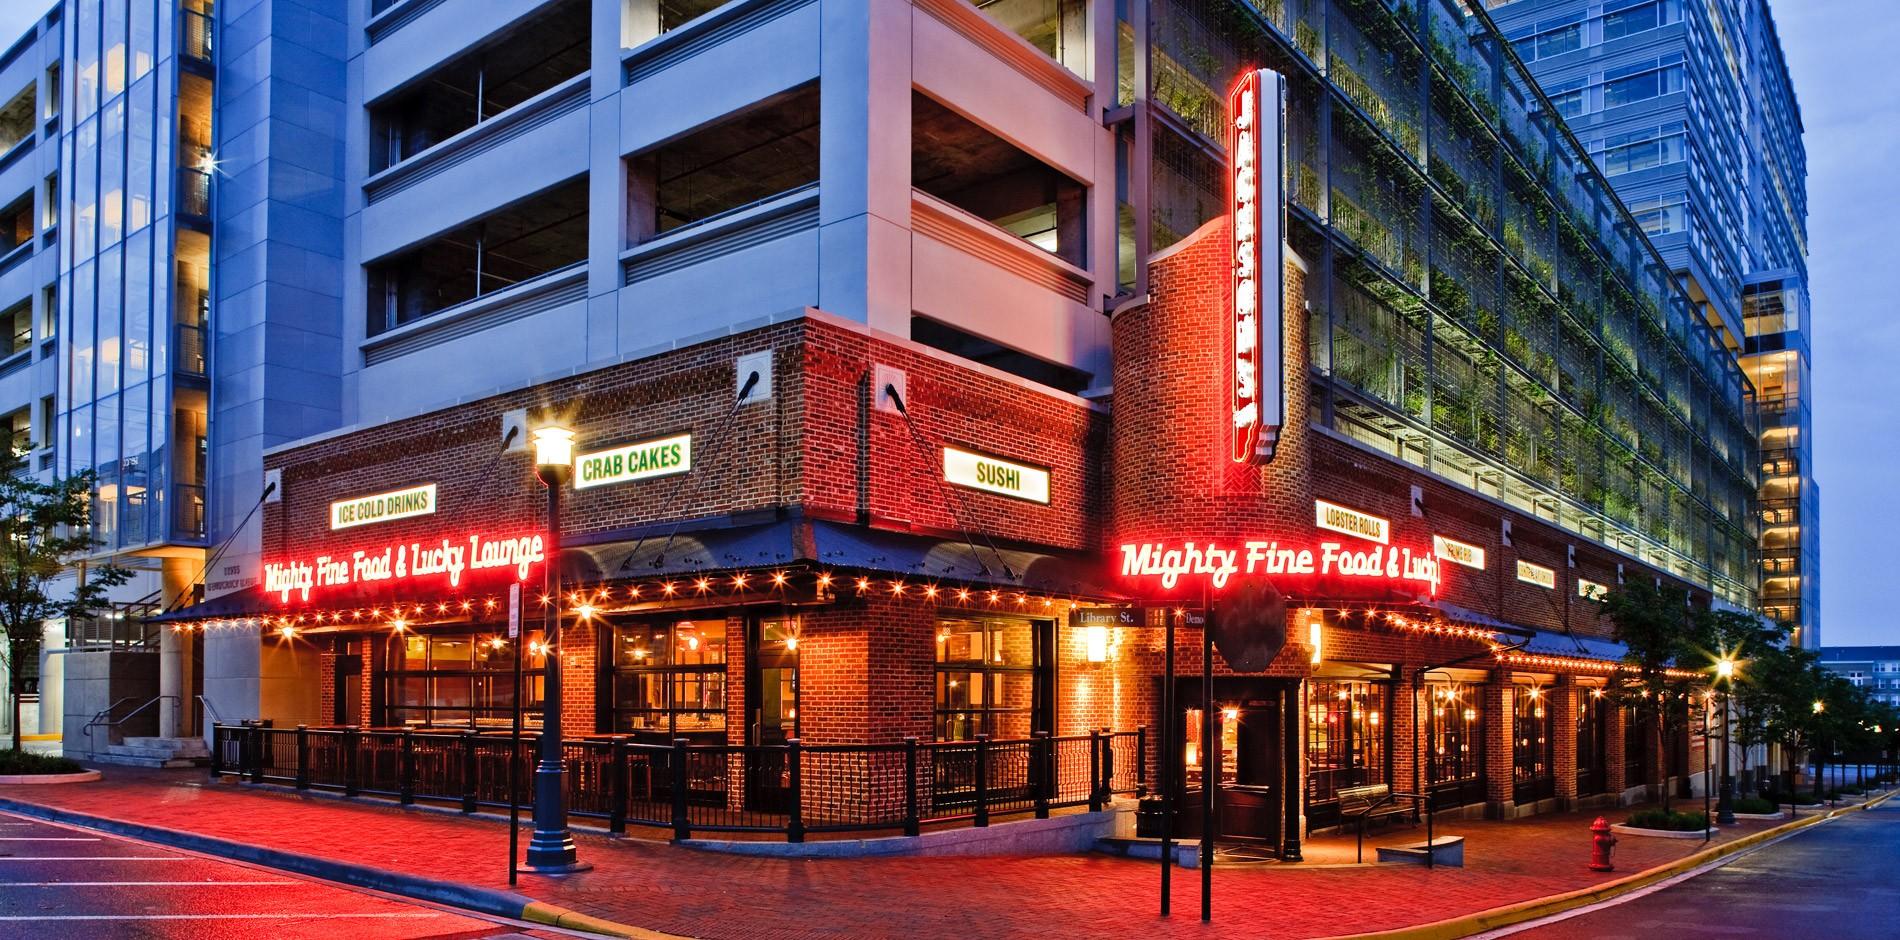 Jackson S Mighty Fine Food Lucky Lounge Reston Va